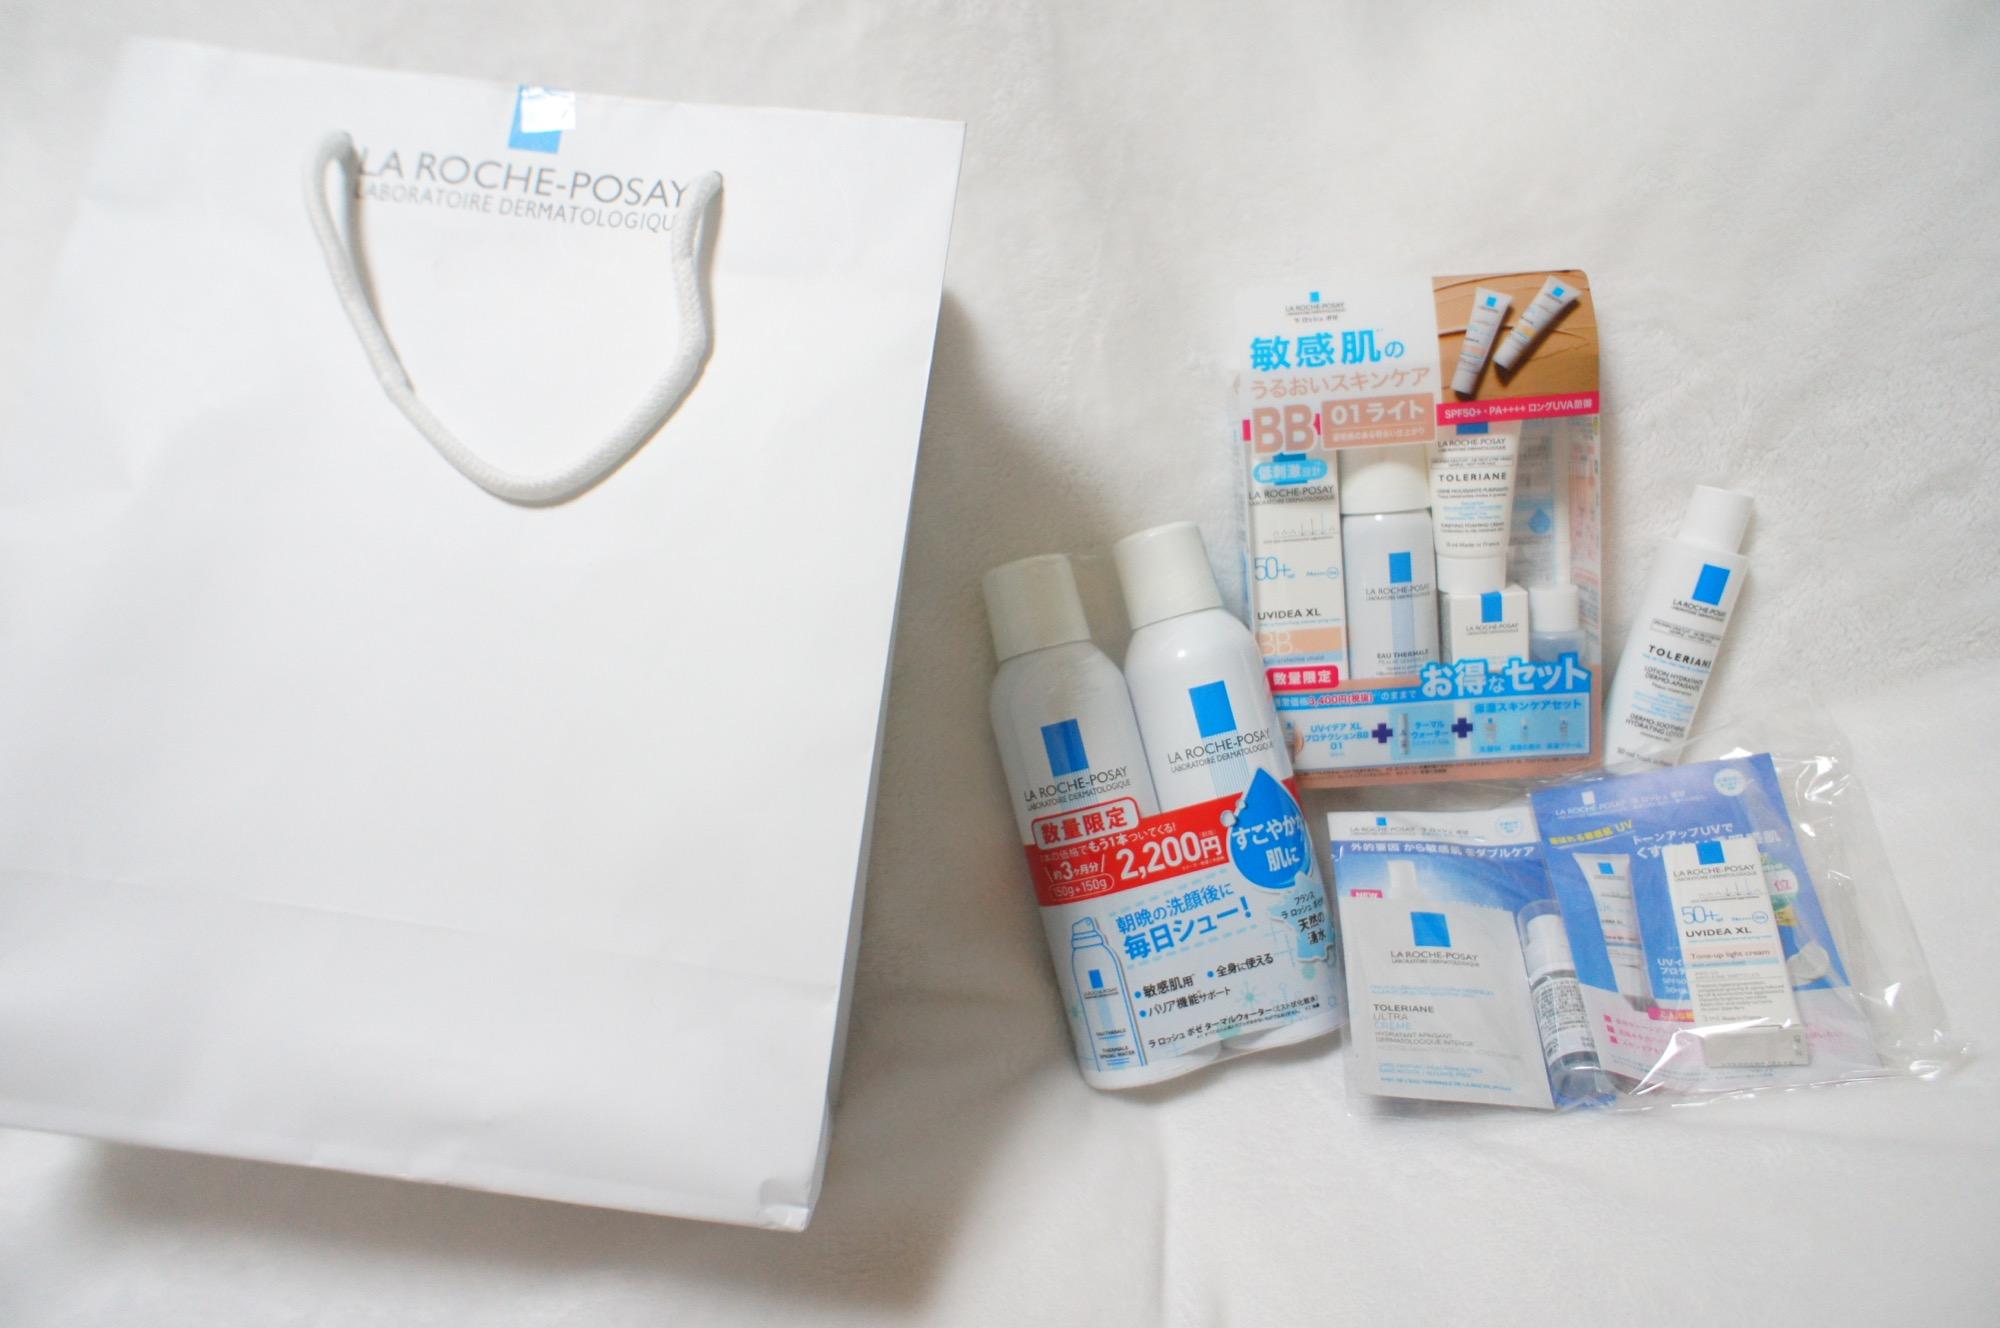 《皮膚科推奨の大人気スキンケア❤️》【ラ ロッシュ ポゼ】の福袋¥5,600+税がおトクすぎる!☻_1